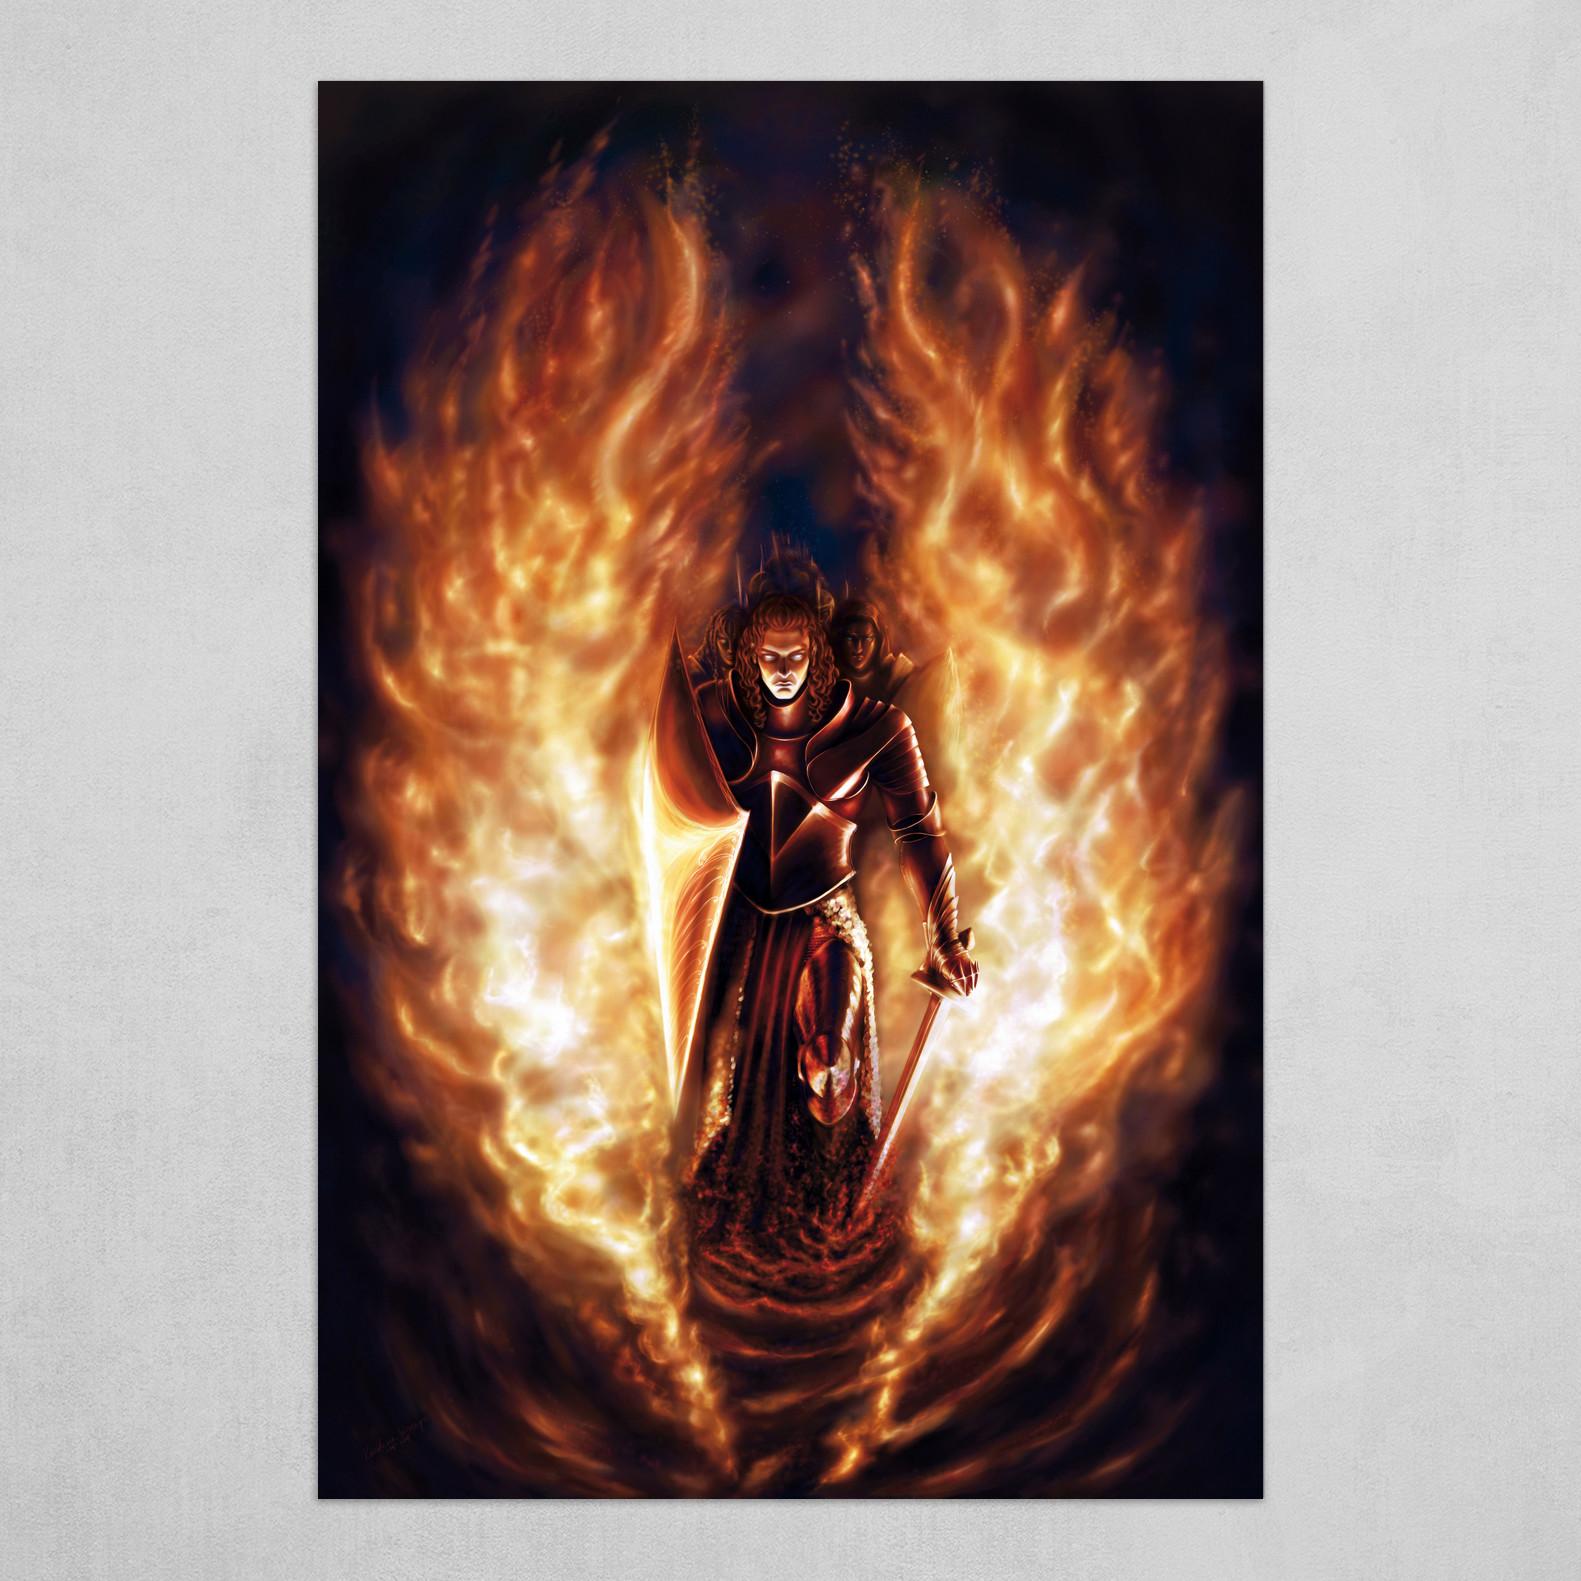 Let the havens burn